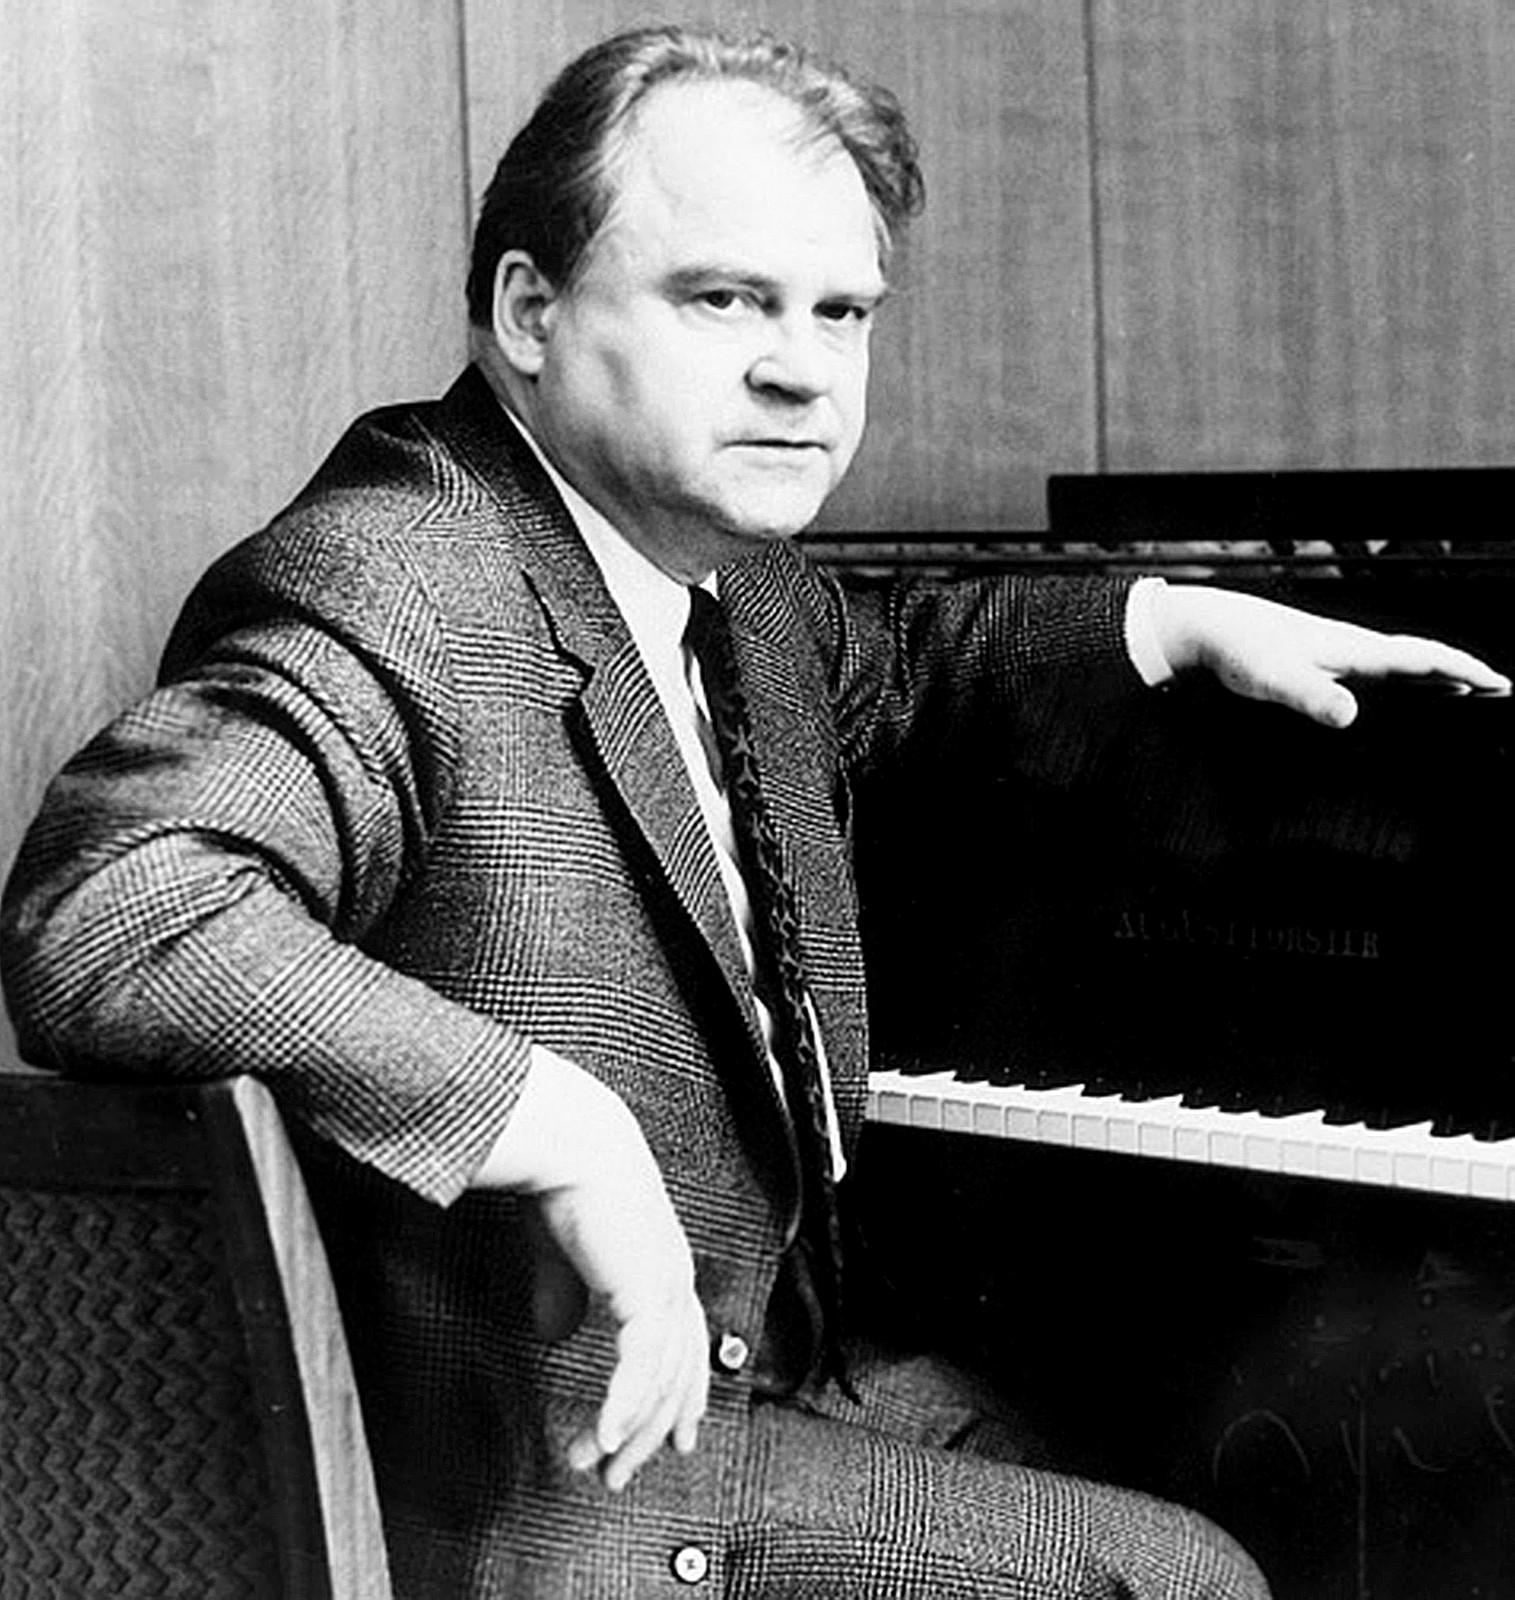 Тихон Николаевич Хренников (1913-2007), российский композитор